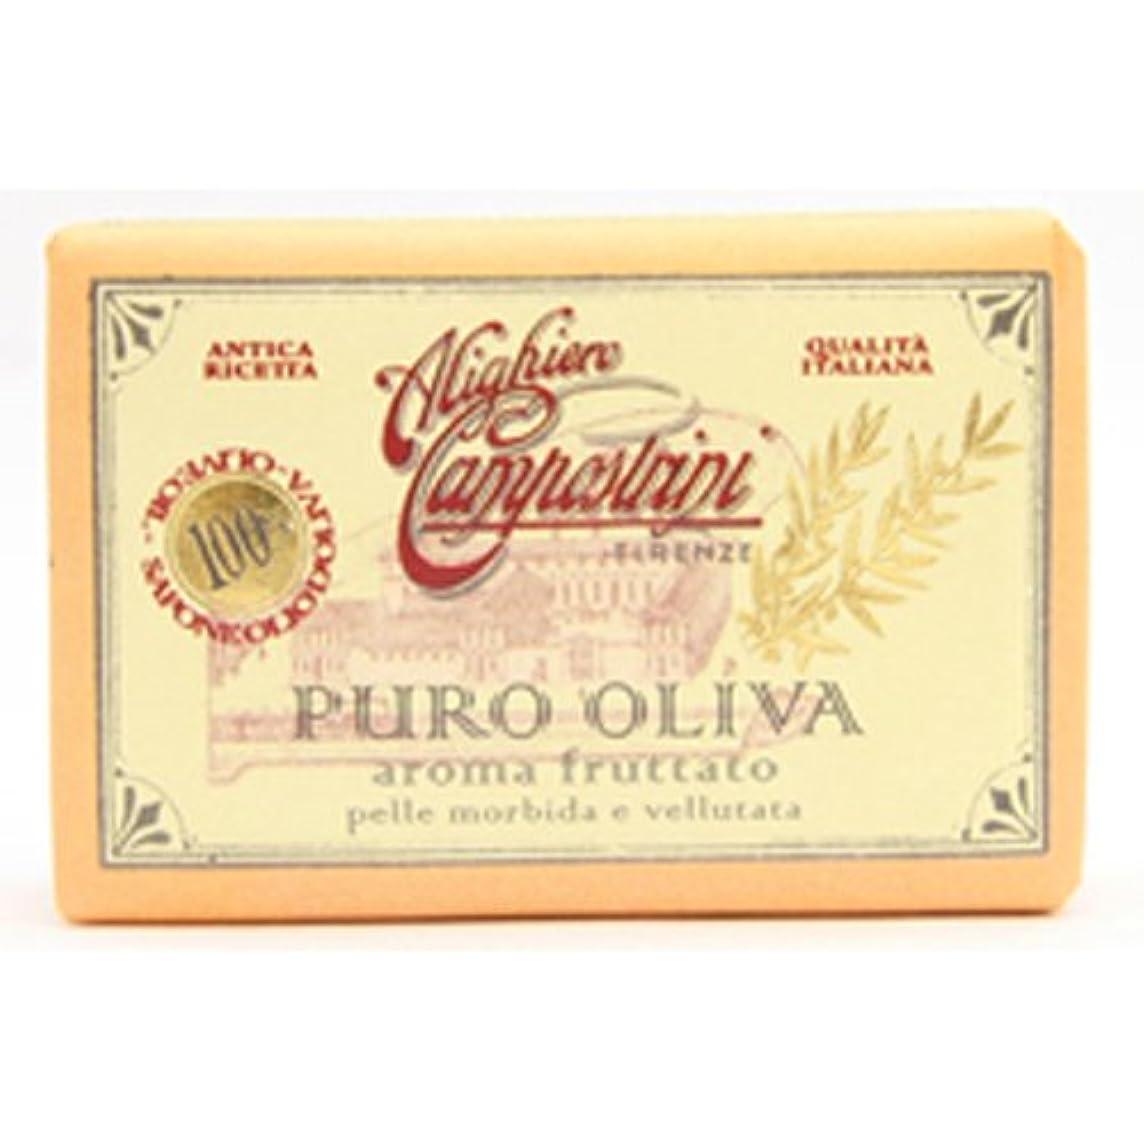 満足妥協こするSaponerire Fissi サポネリーフィッシー PURO OLIVA Soap オリーブオイル ピュロ ソープ Aroma fruttato フルーツ(オレンジ)